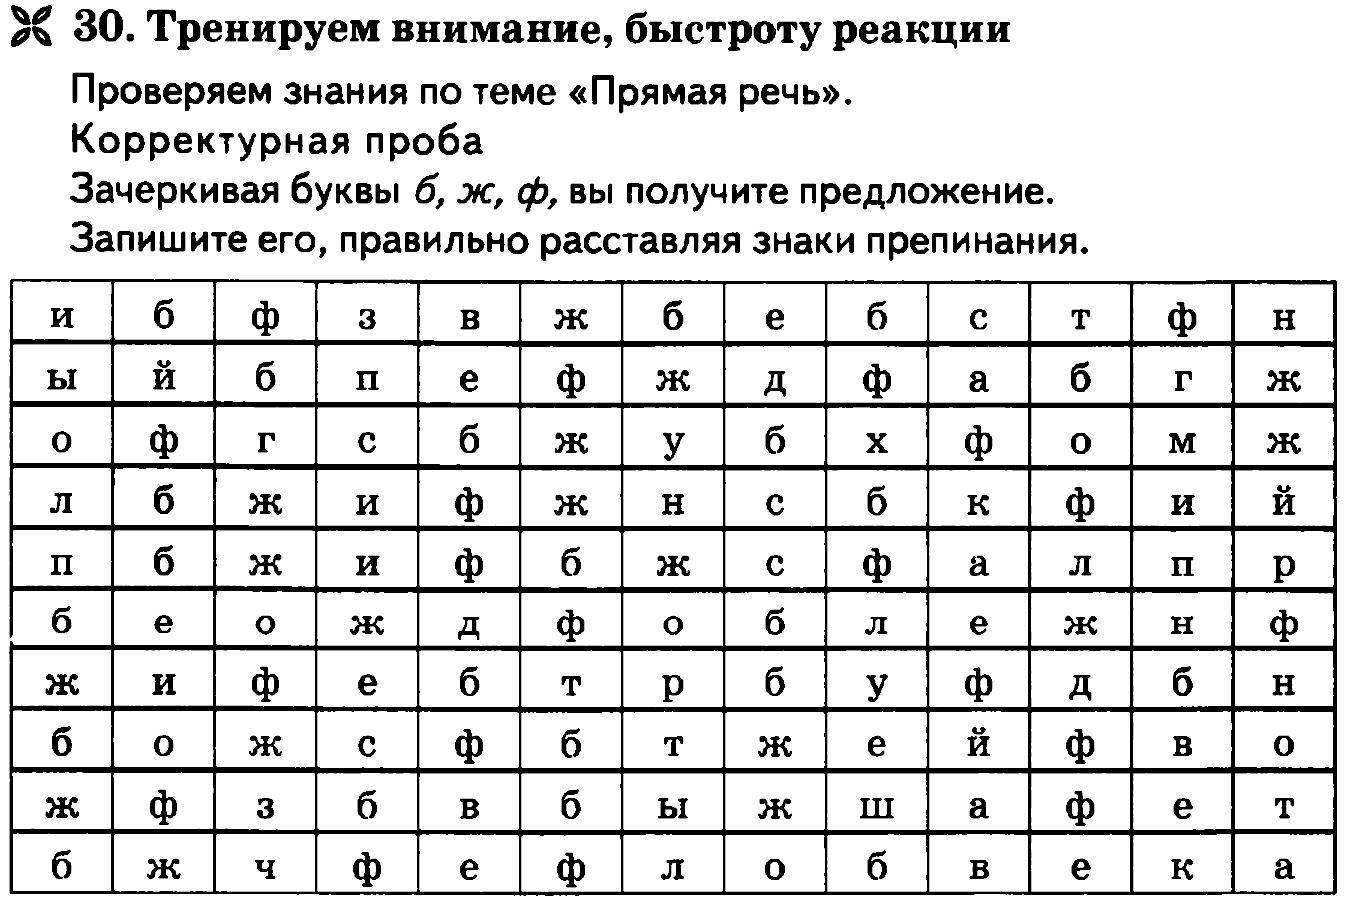 Придумать 2-3 занимательных задания по русскому языку для 2 класса